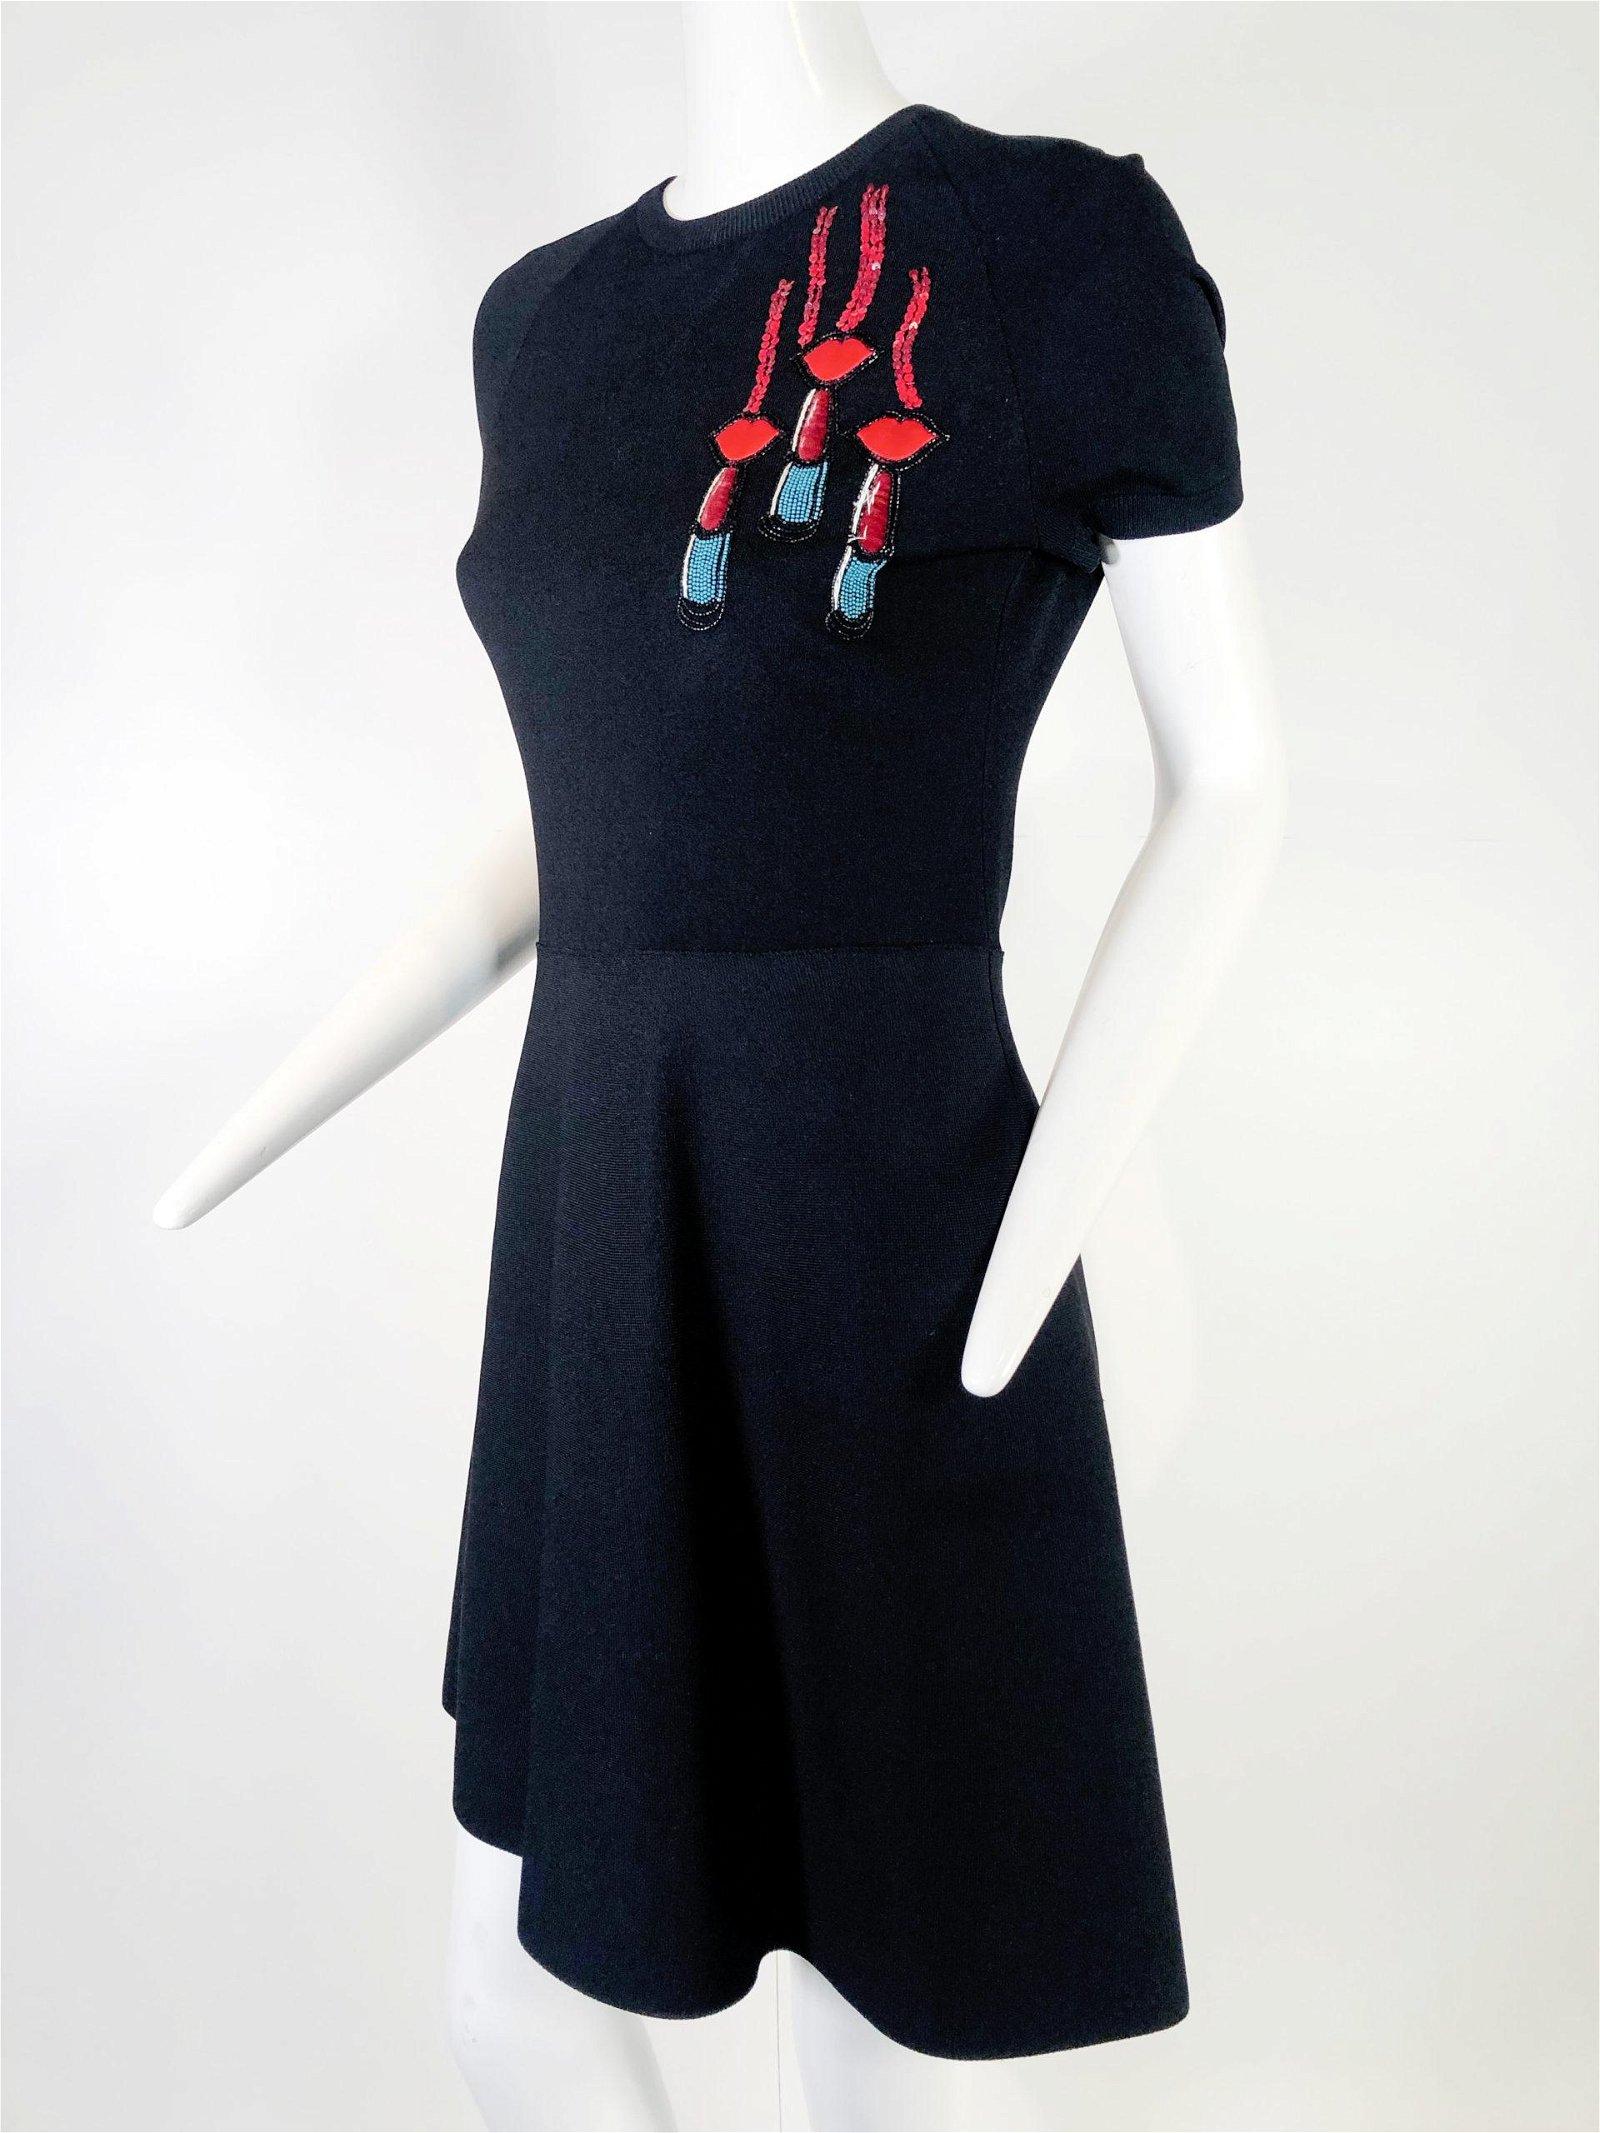 Valentino Black Knit Mini Dress w/ Embellished Lips